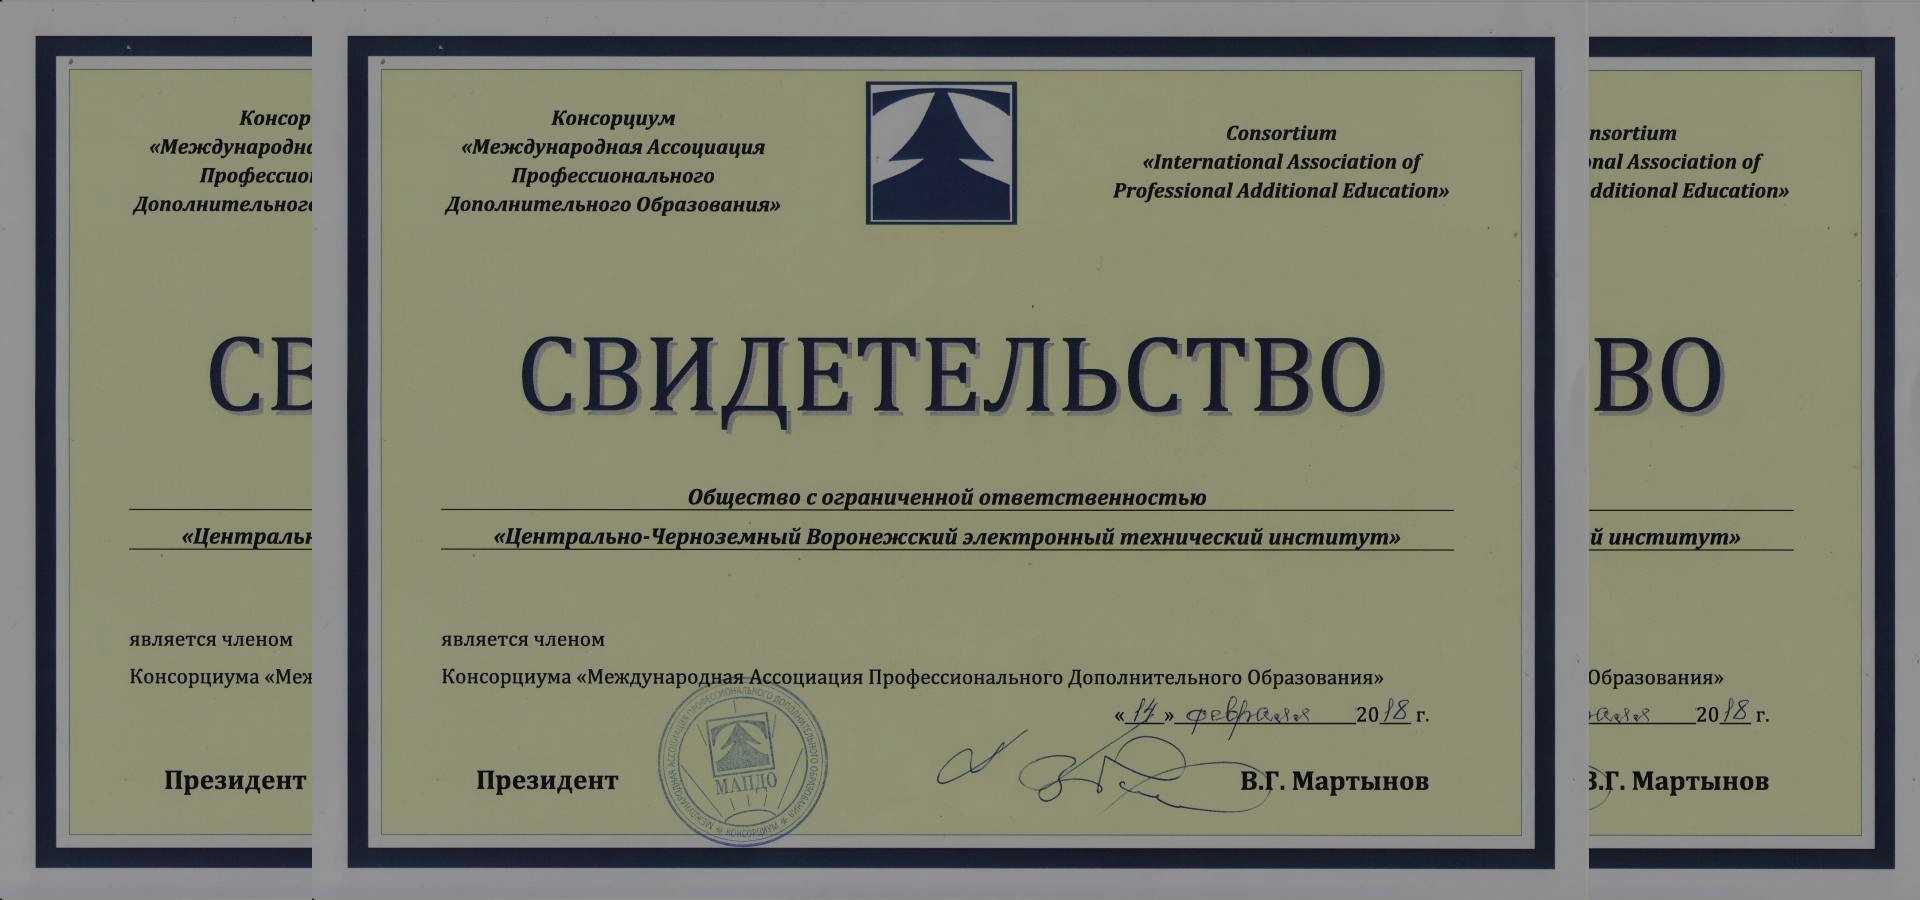 Наш институт вошел в состав членов Правления Консорциума МАПО